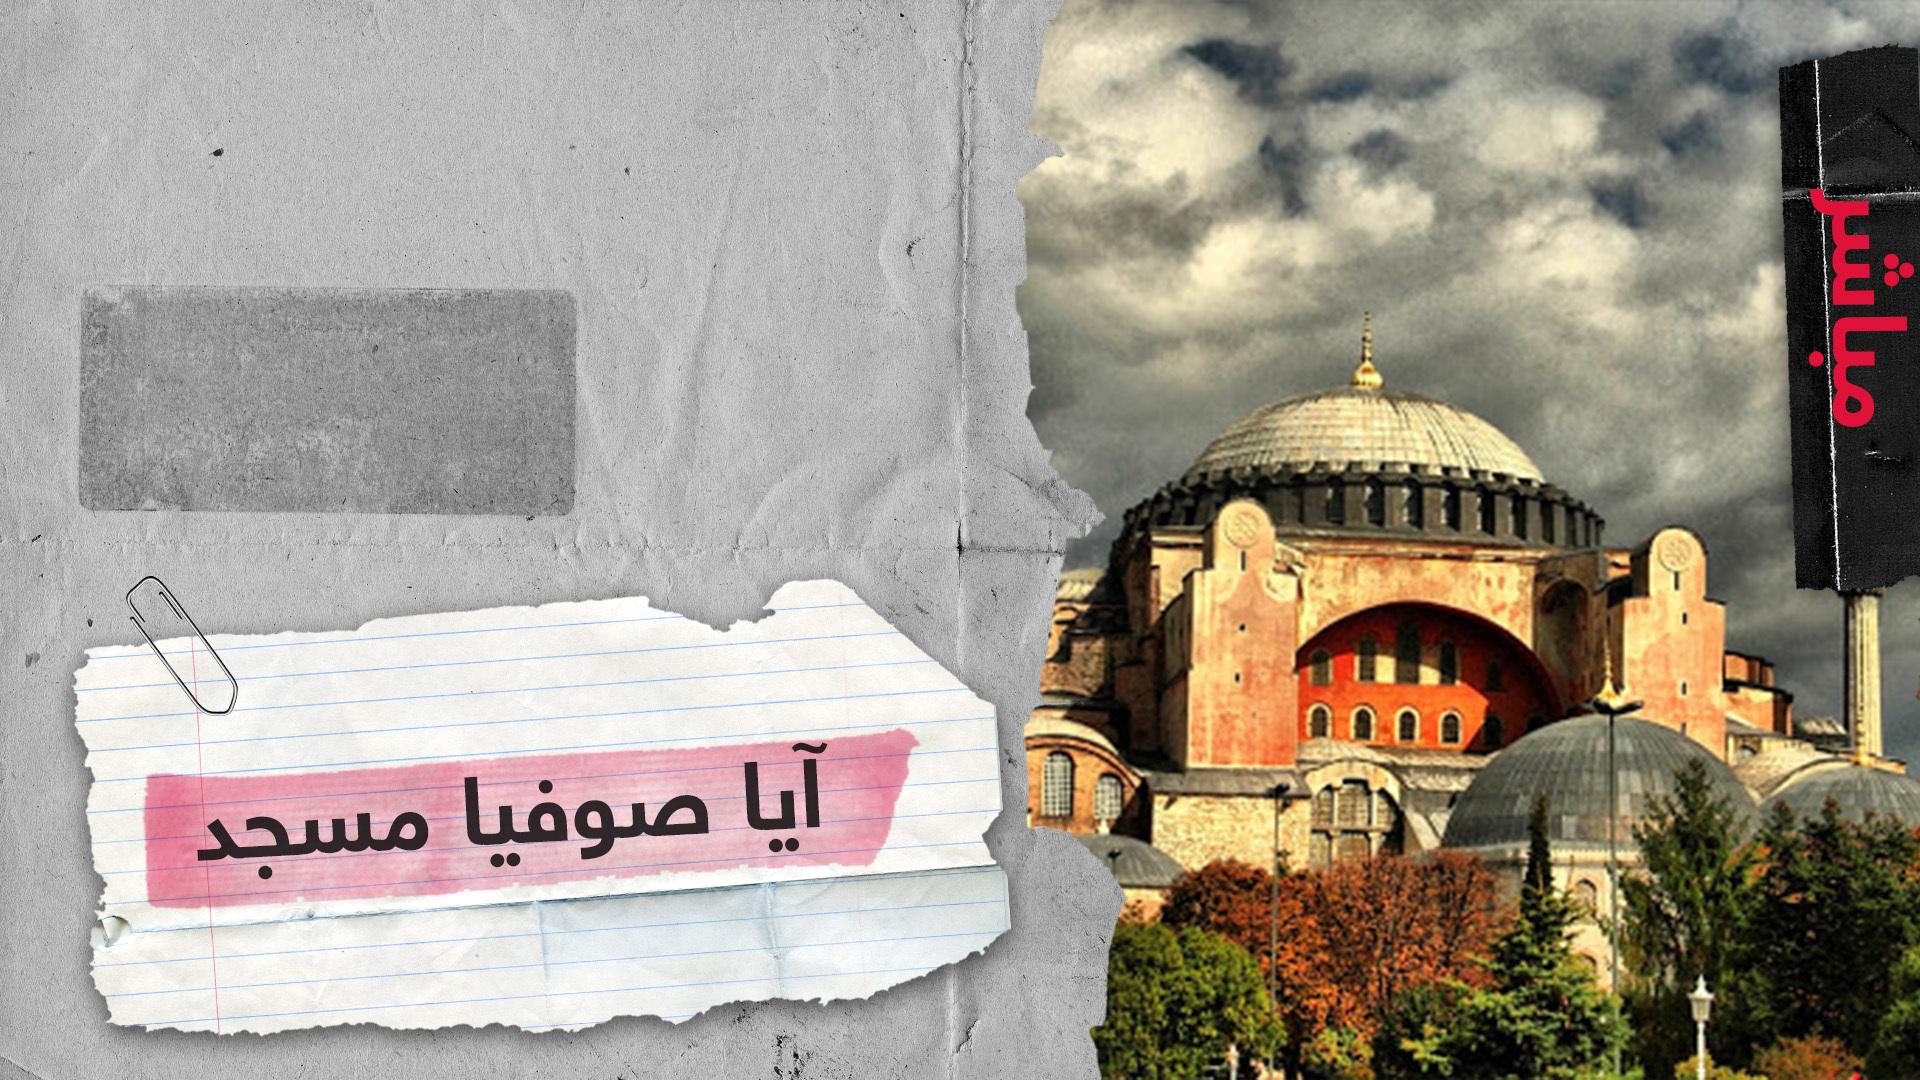 """ردود فعل غاضبة على تحويل آيا صوفيا لمسجد وأردوغان يعتبر ذلك """"حقا سياديا لبلاده"""""""